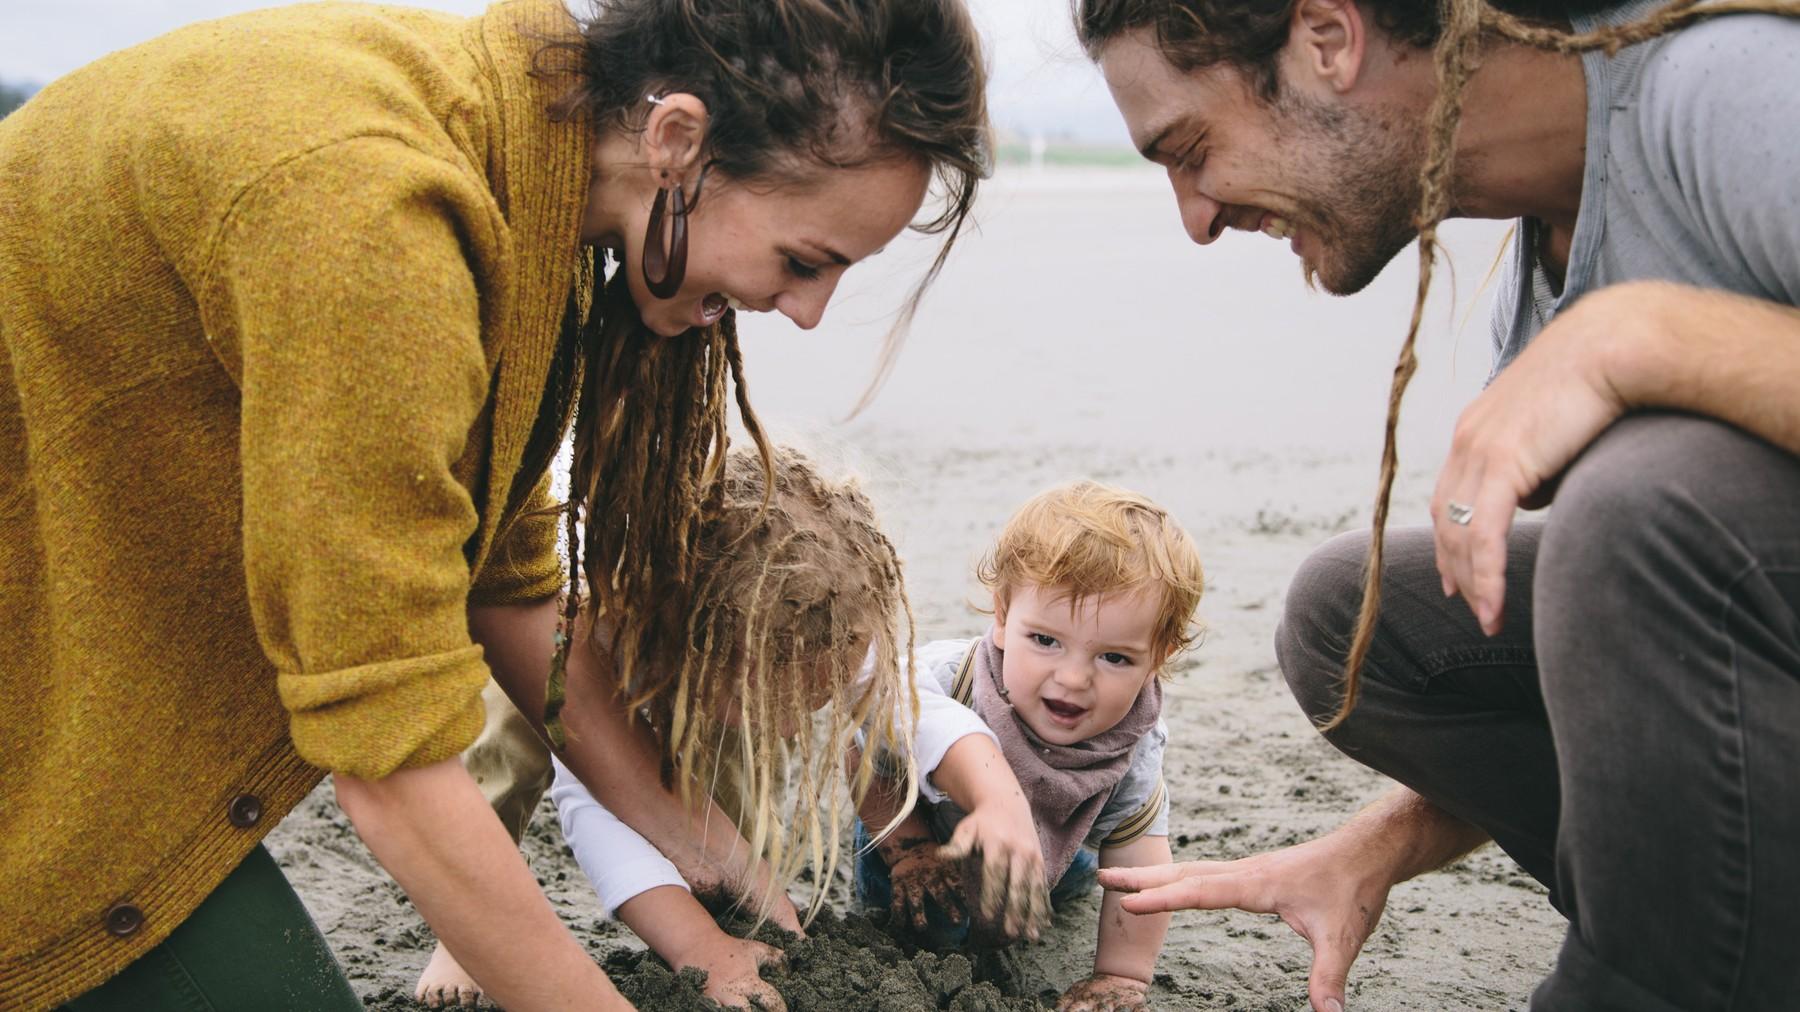 Familia jugando en la arena